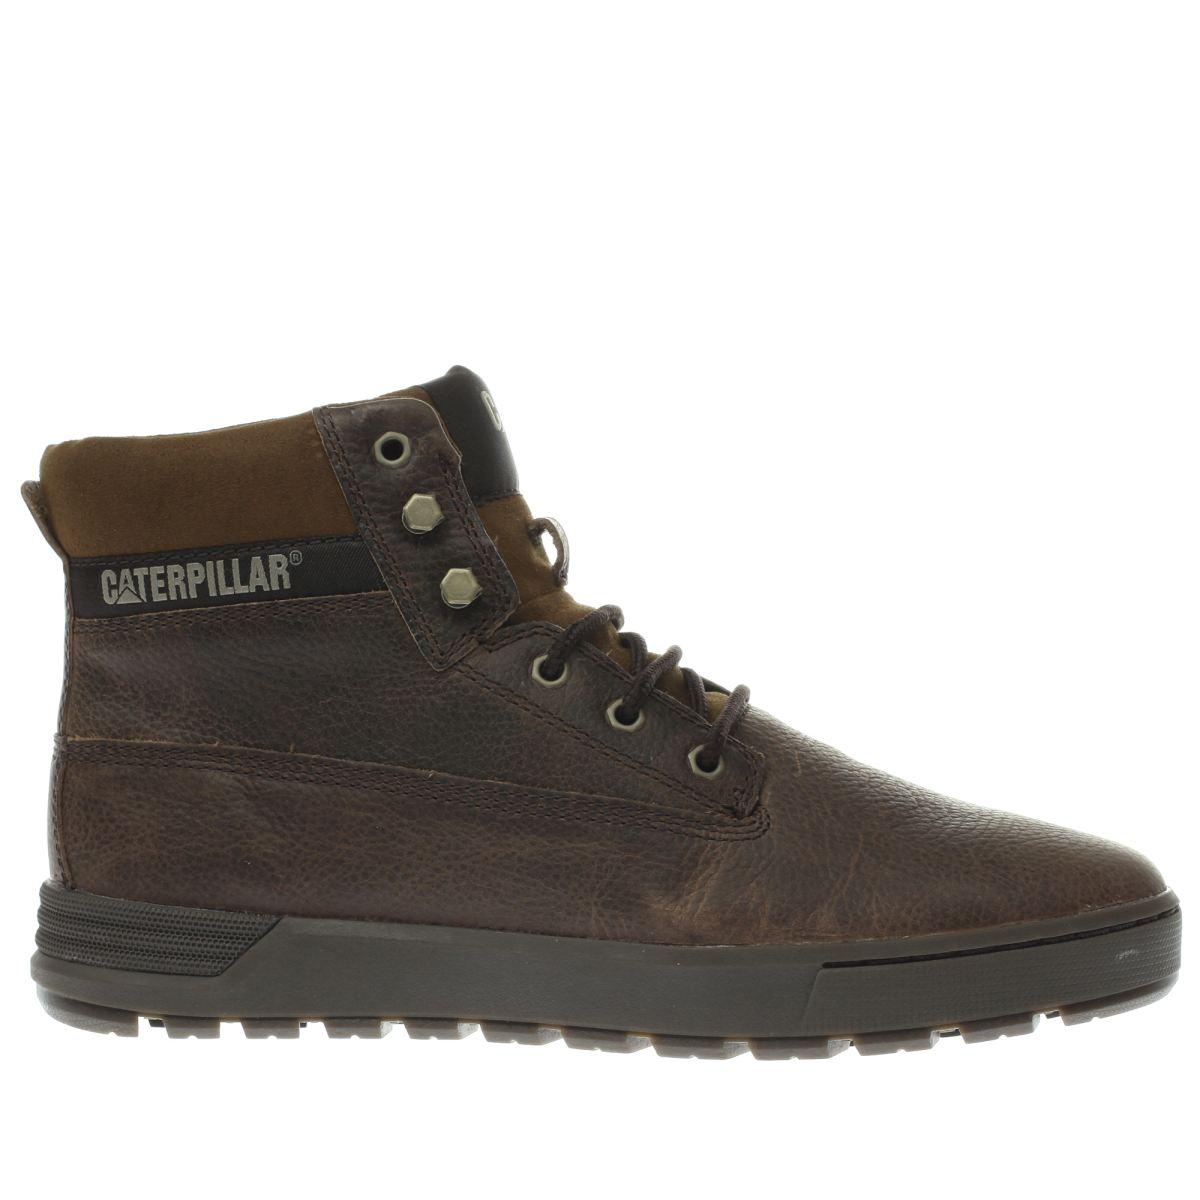 cat-footwear brown ryker boots